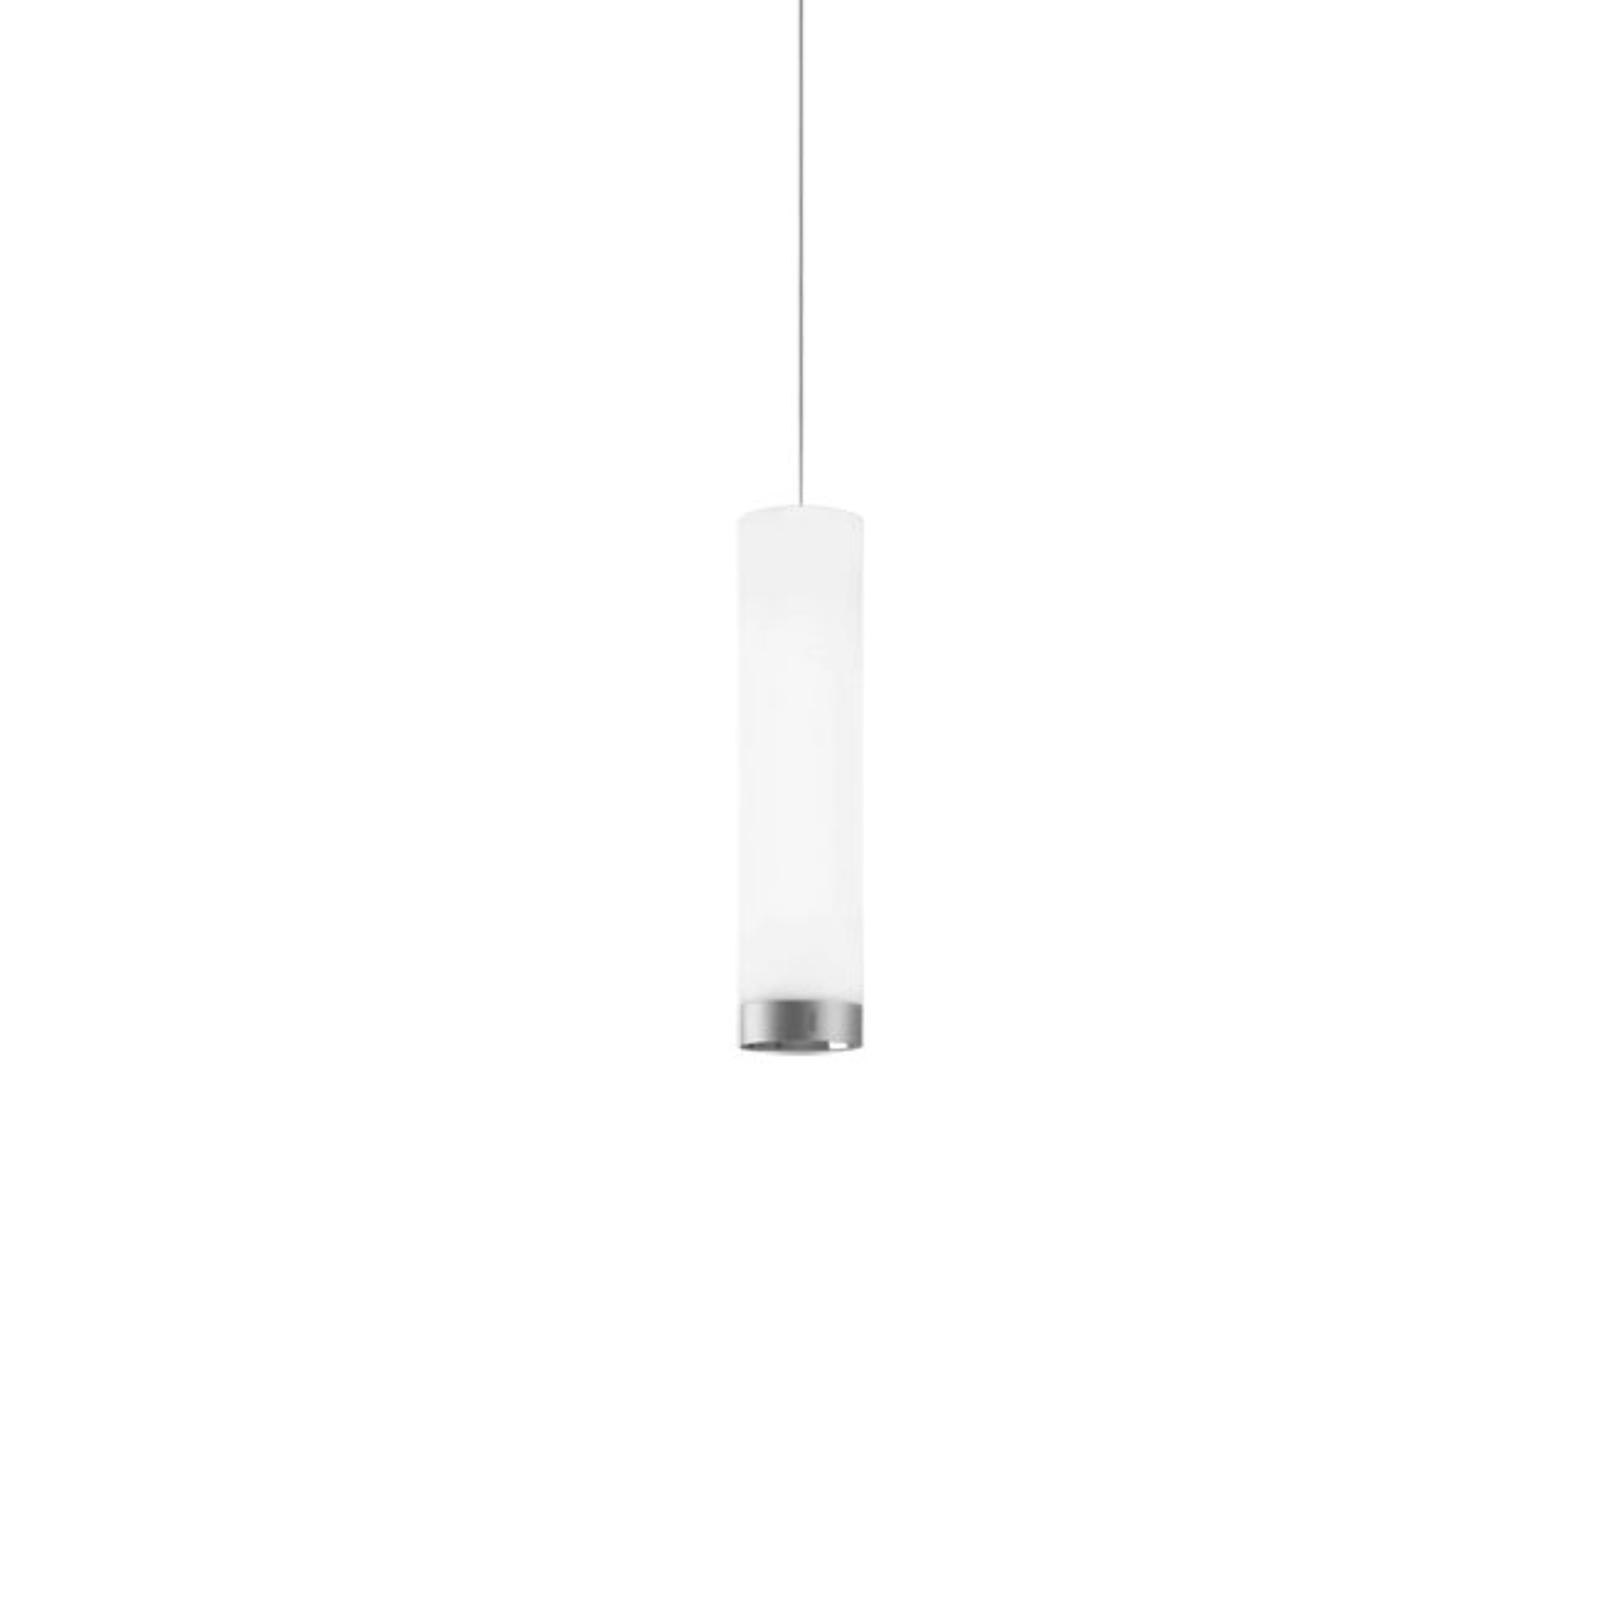 LED-hængelampe A20-P166, 67,5 cm, 29 W, 3.000 K